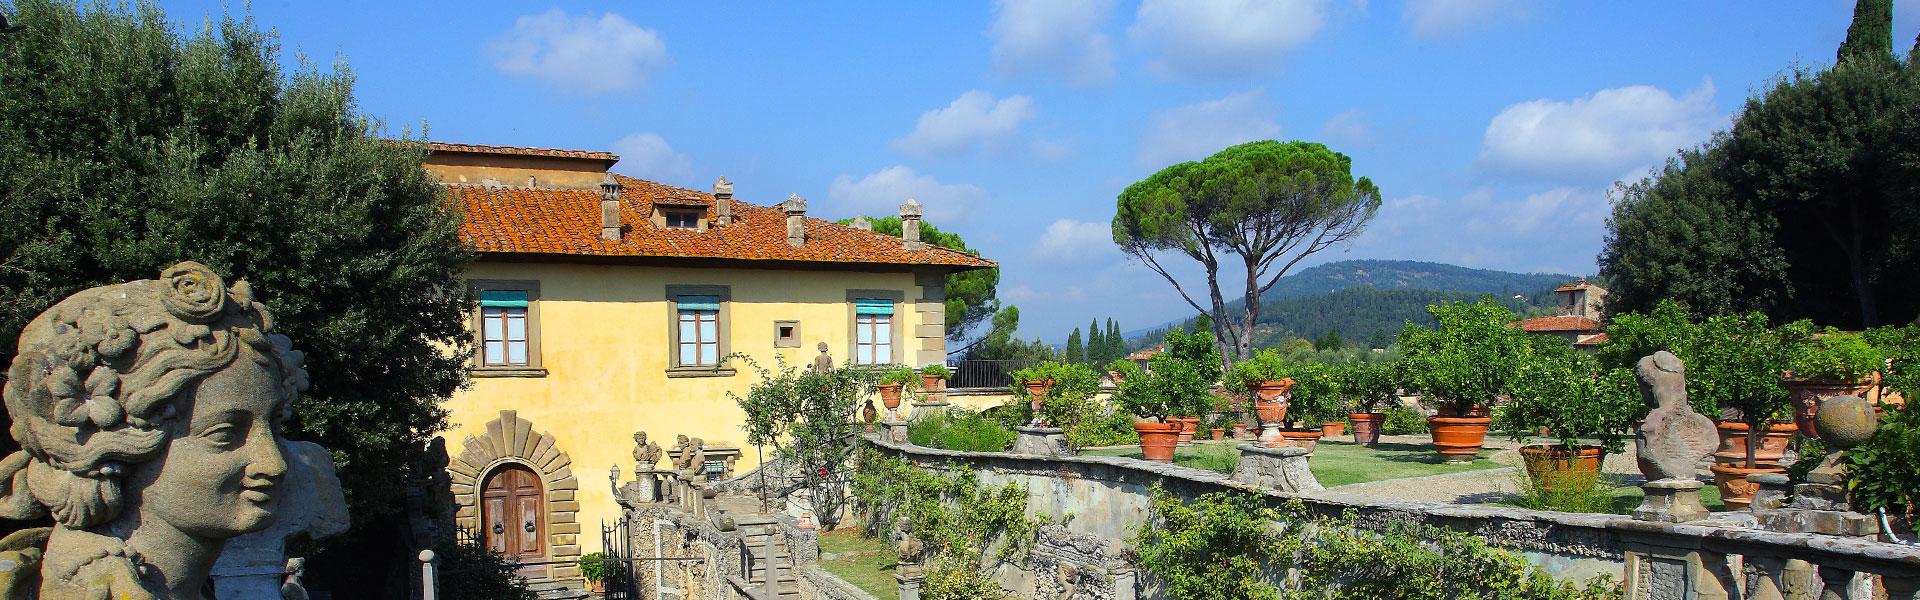 Ville e giardini fiesole for you - Giardini per ville ...